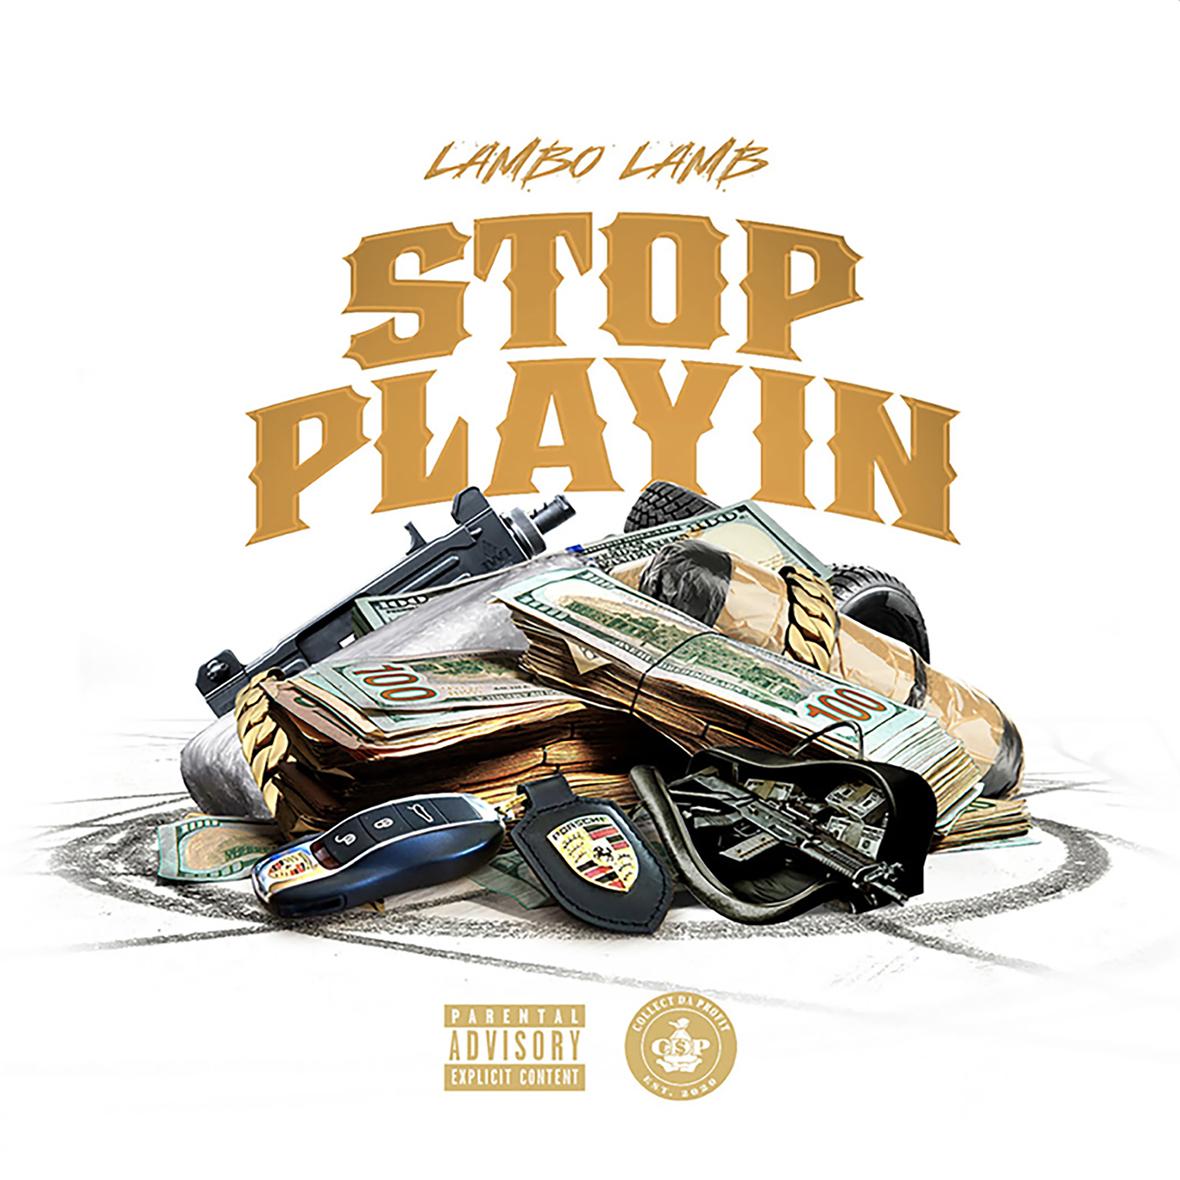 Large Lambo Lamb - Stop Playin Explicit